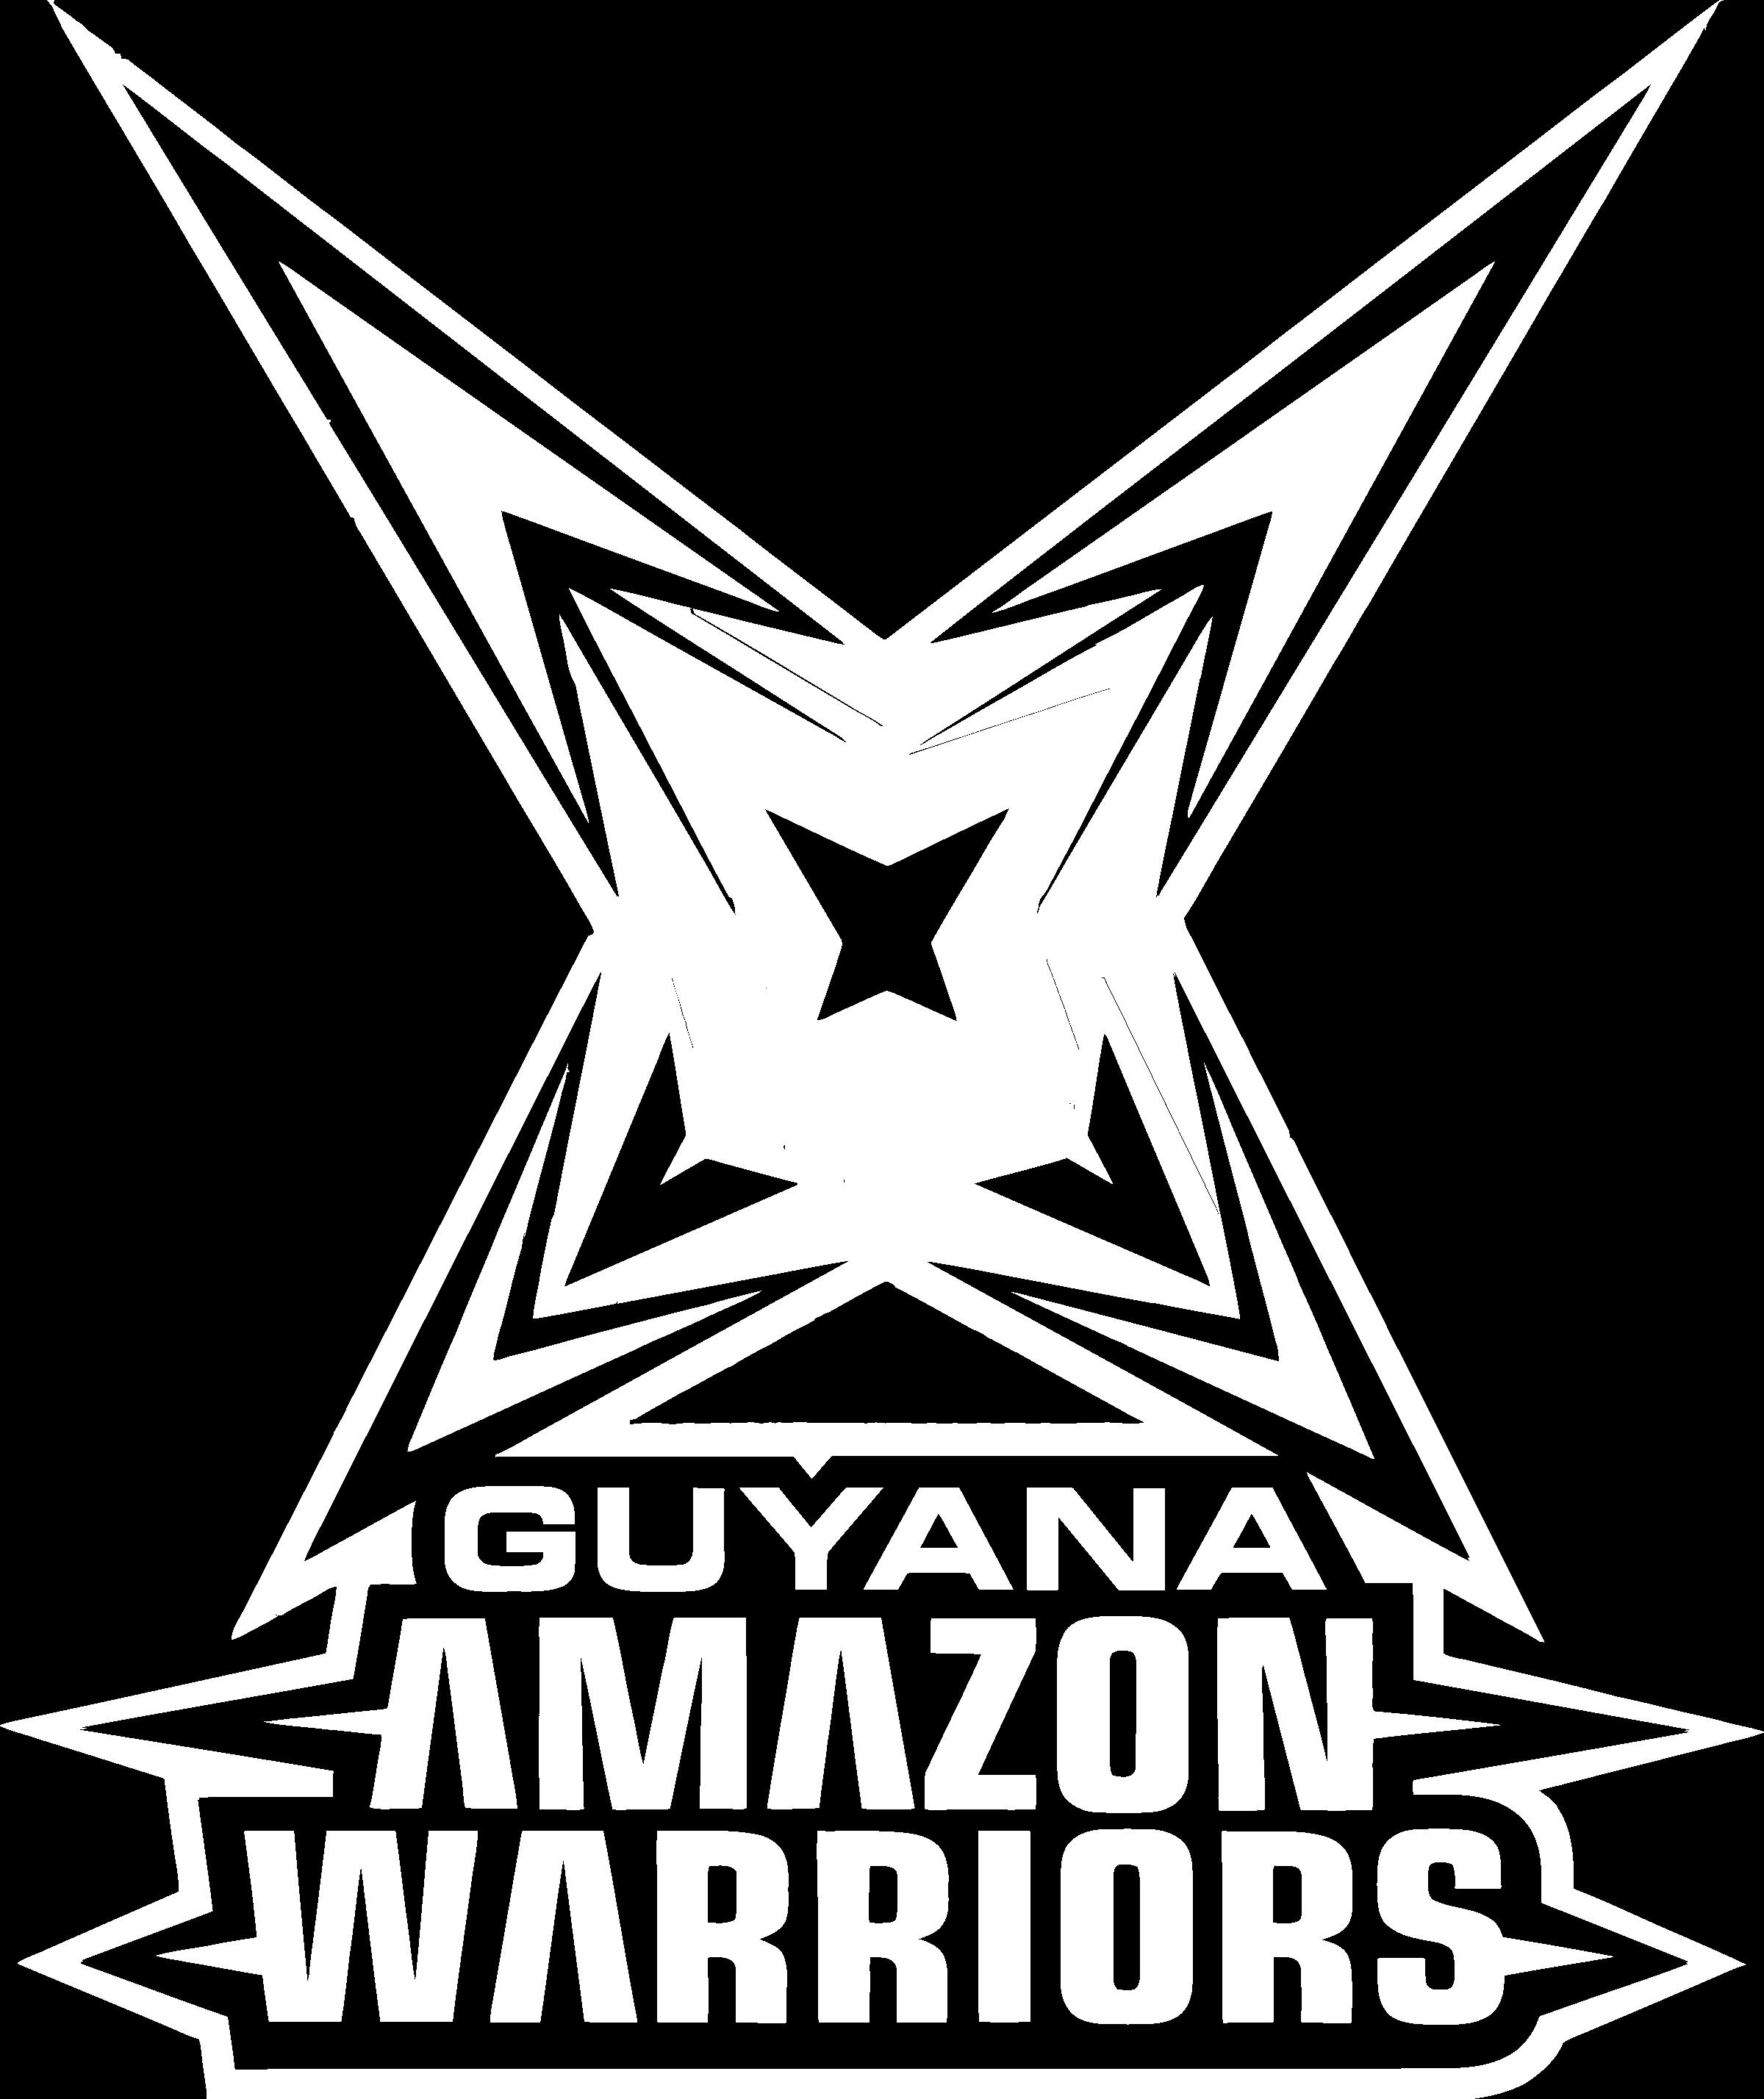 Amazon Warriors Fotos guyama amazon warriors logo png transparent & svg vector